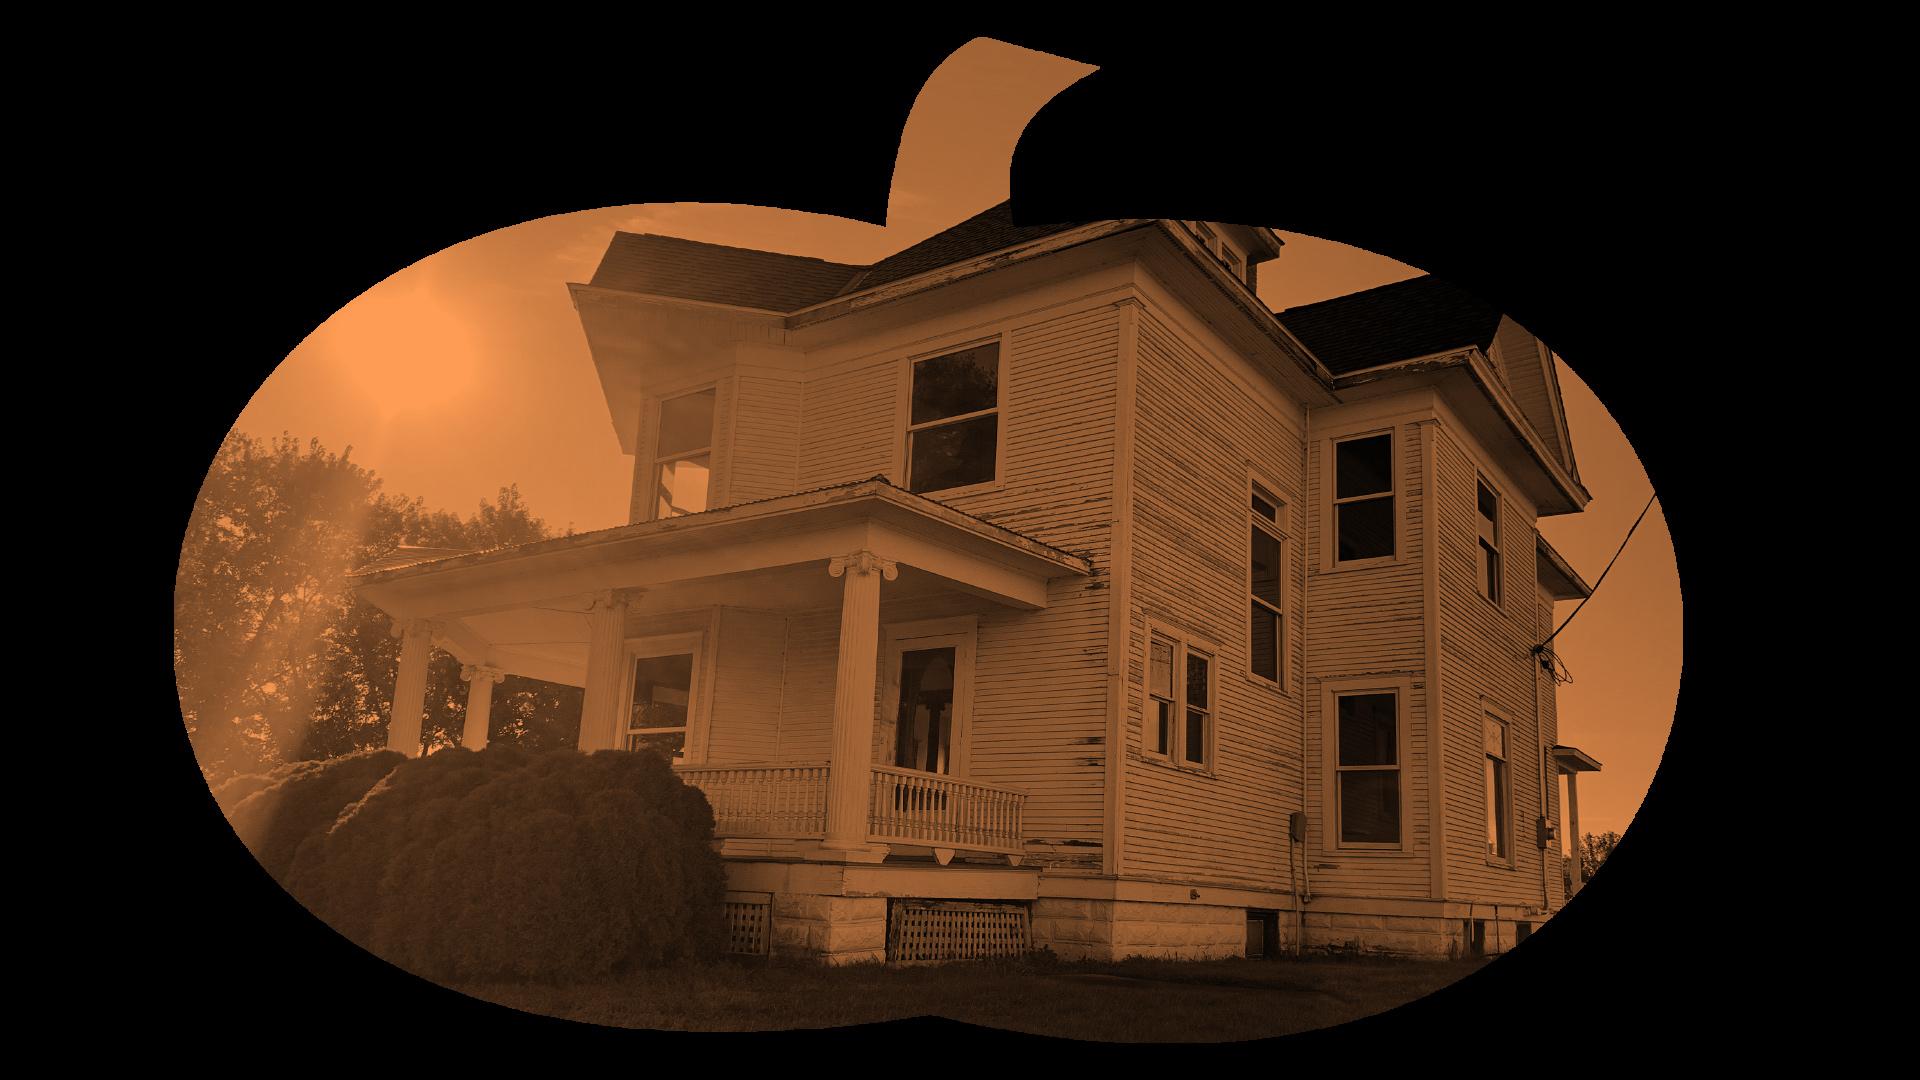 Ranshaw House and Pumpkin